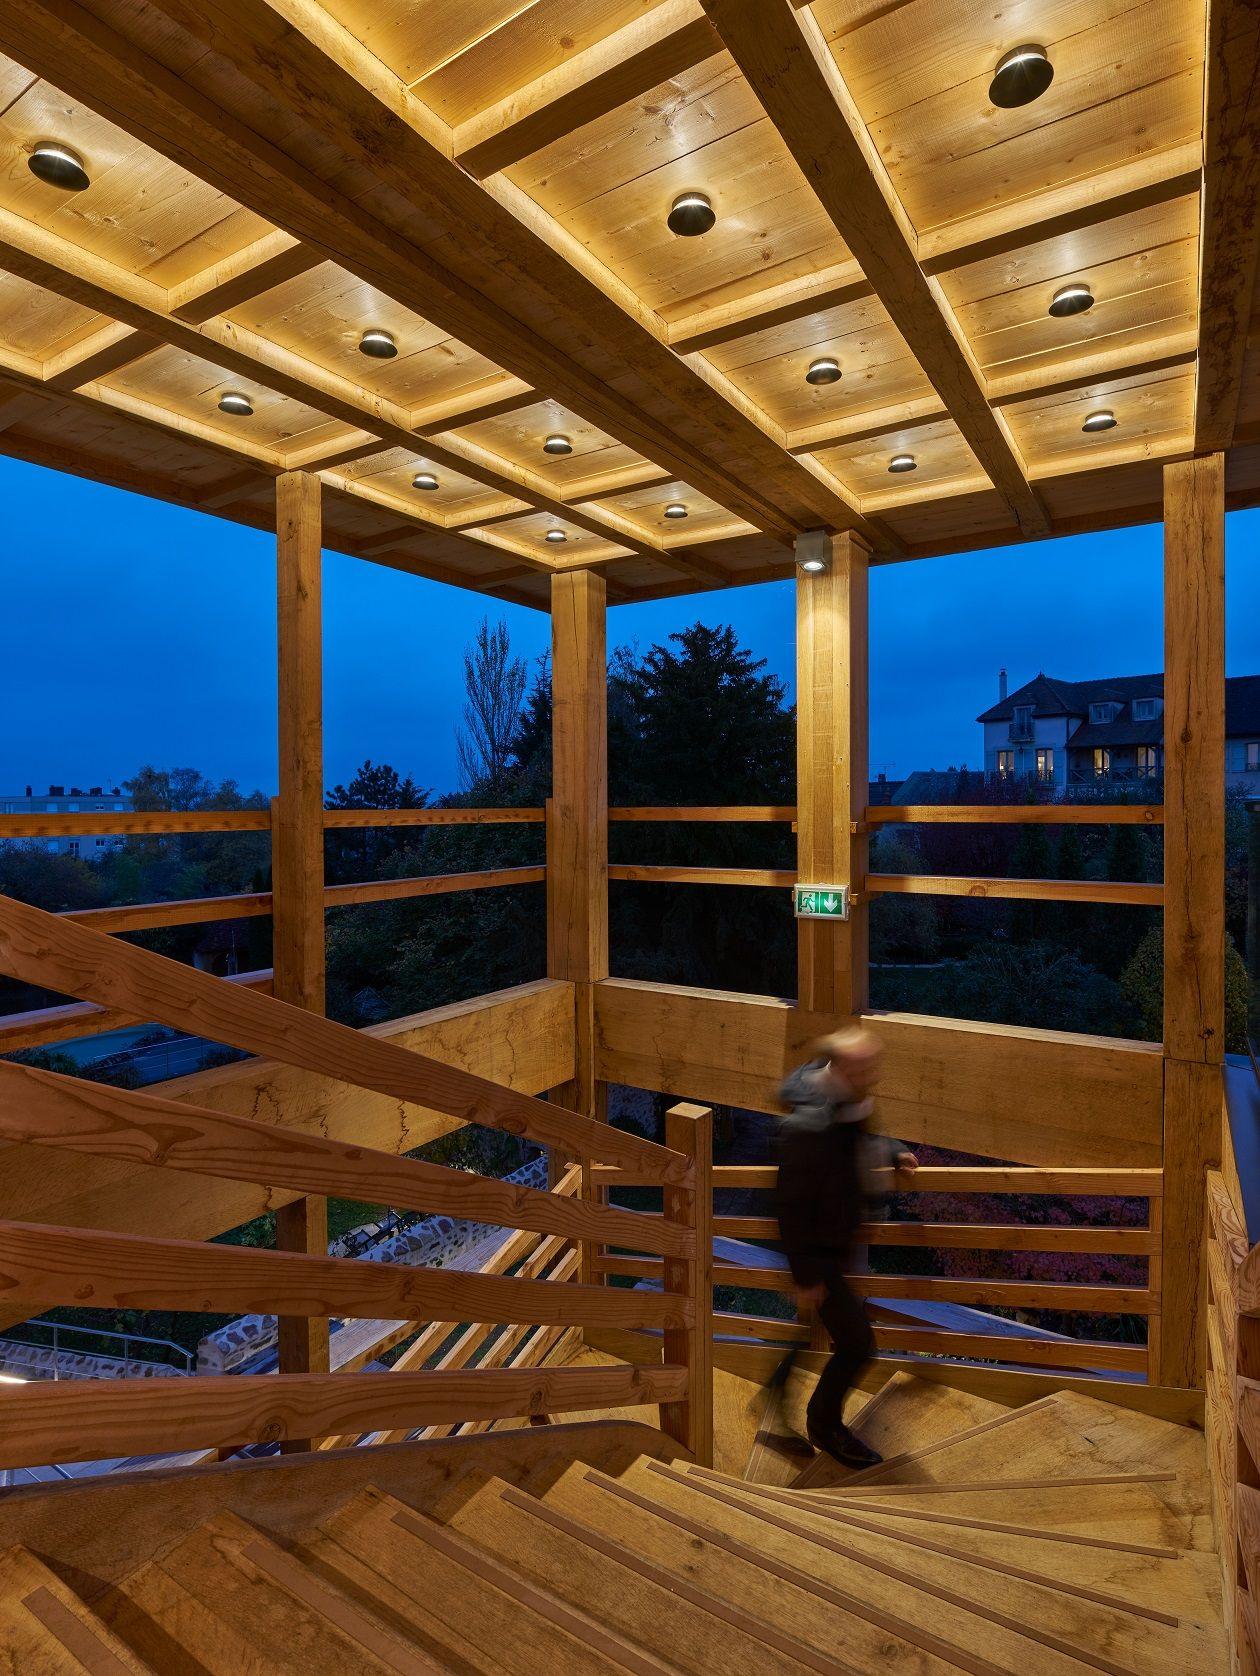 Villa Loiseau Des Sens Saulieu France Architectural Project Atelier Correia Architectes As Architecture Lumiere Eclairage Exterieur